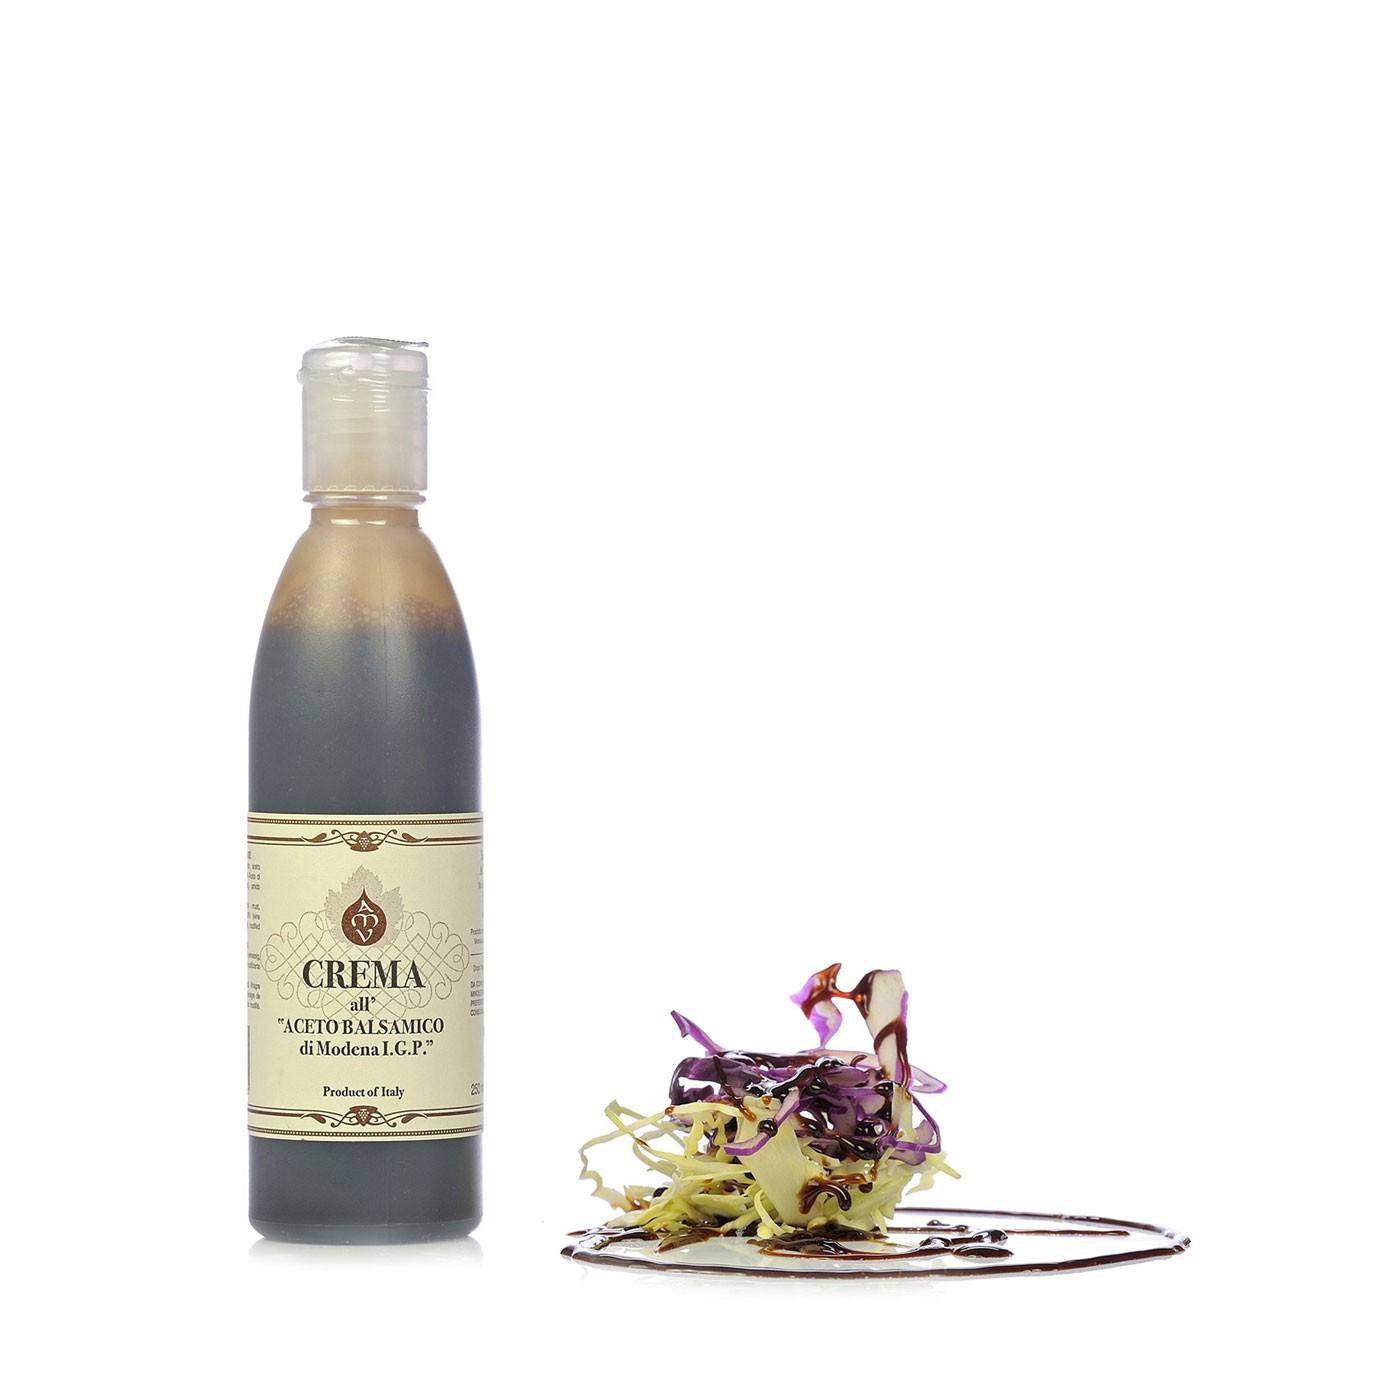 Glaze with Balsamic Vinegar of Modena IGP 8.45 oz - Acetomodena   Eataly.com